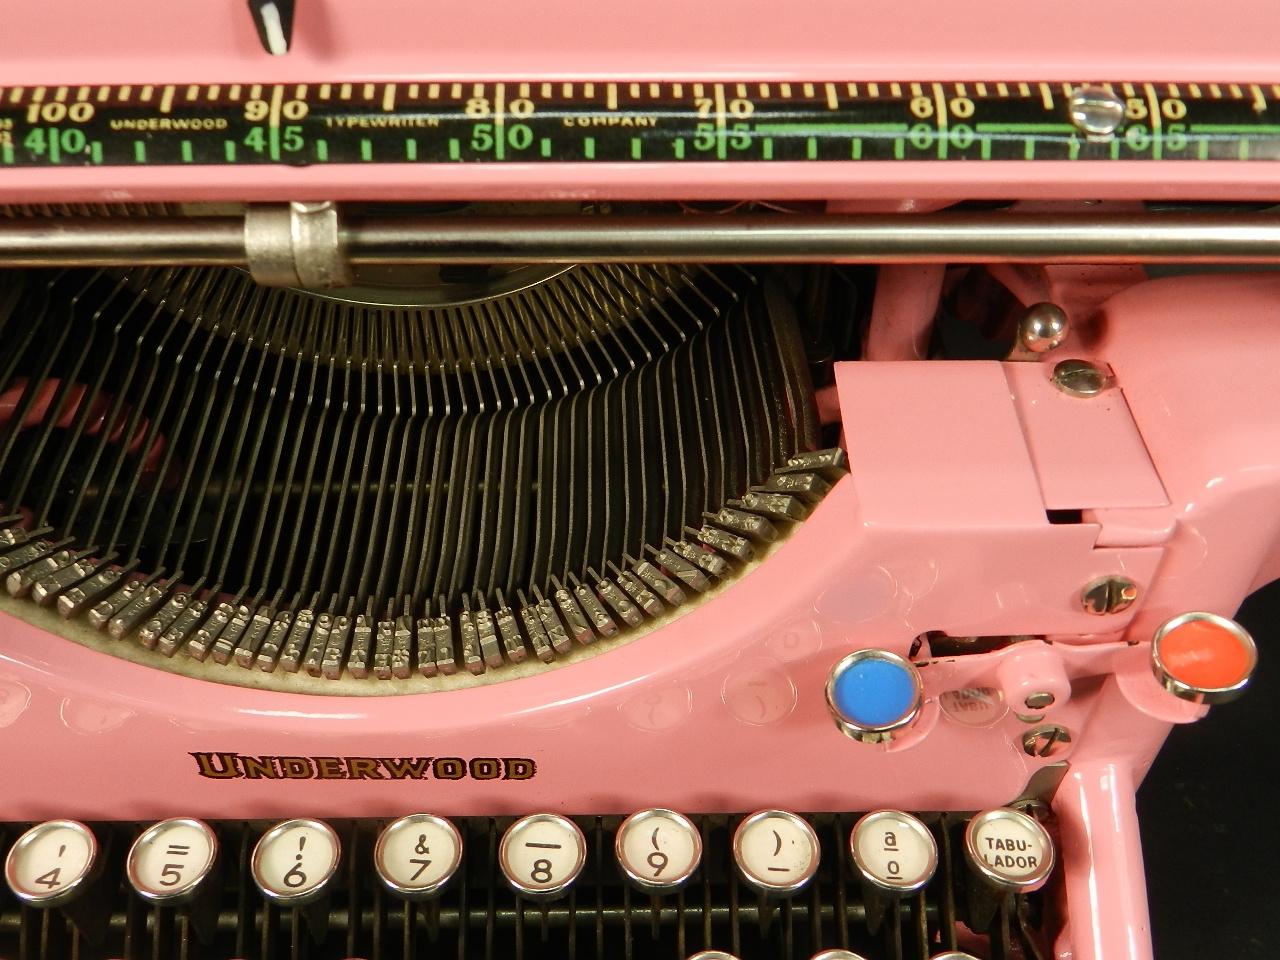 Imagen UNDERWOOD AÑO 1930 COLOR ROSA 40485